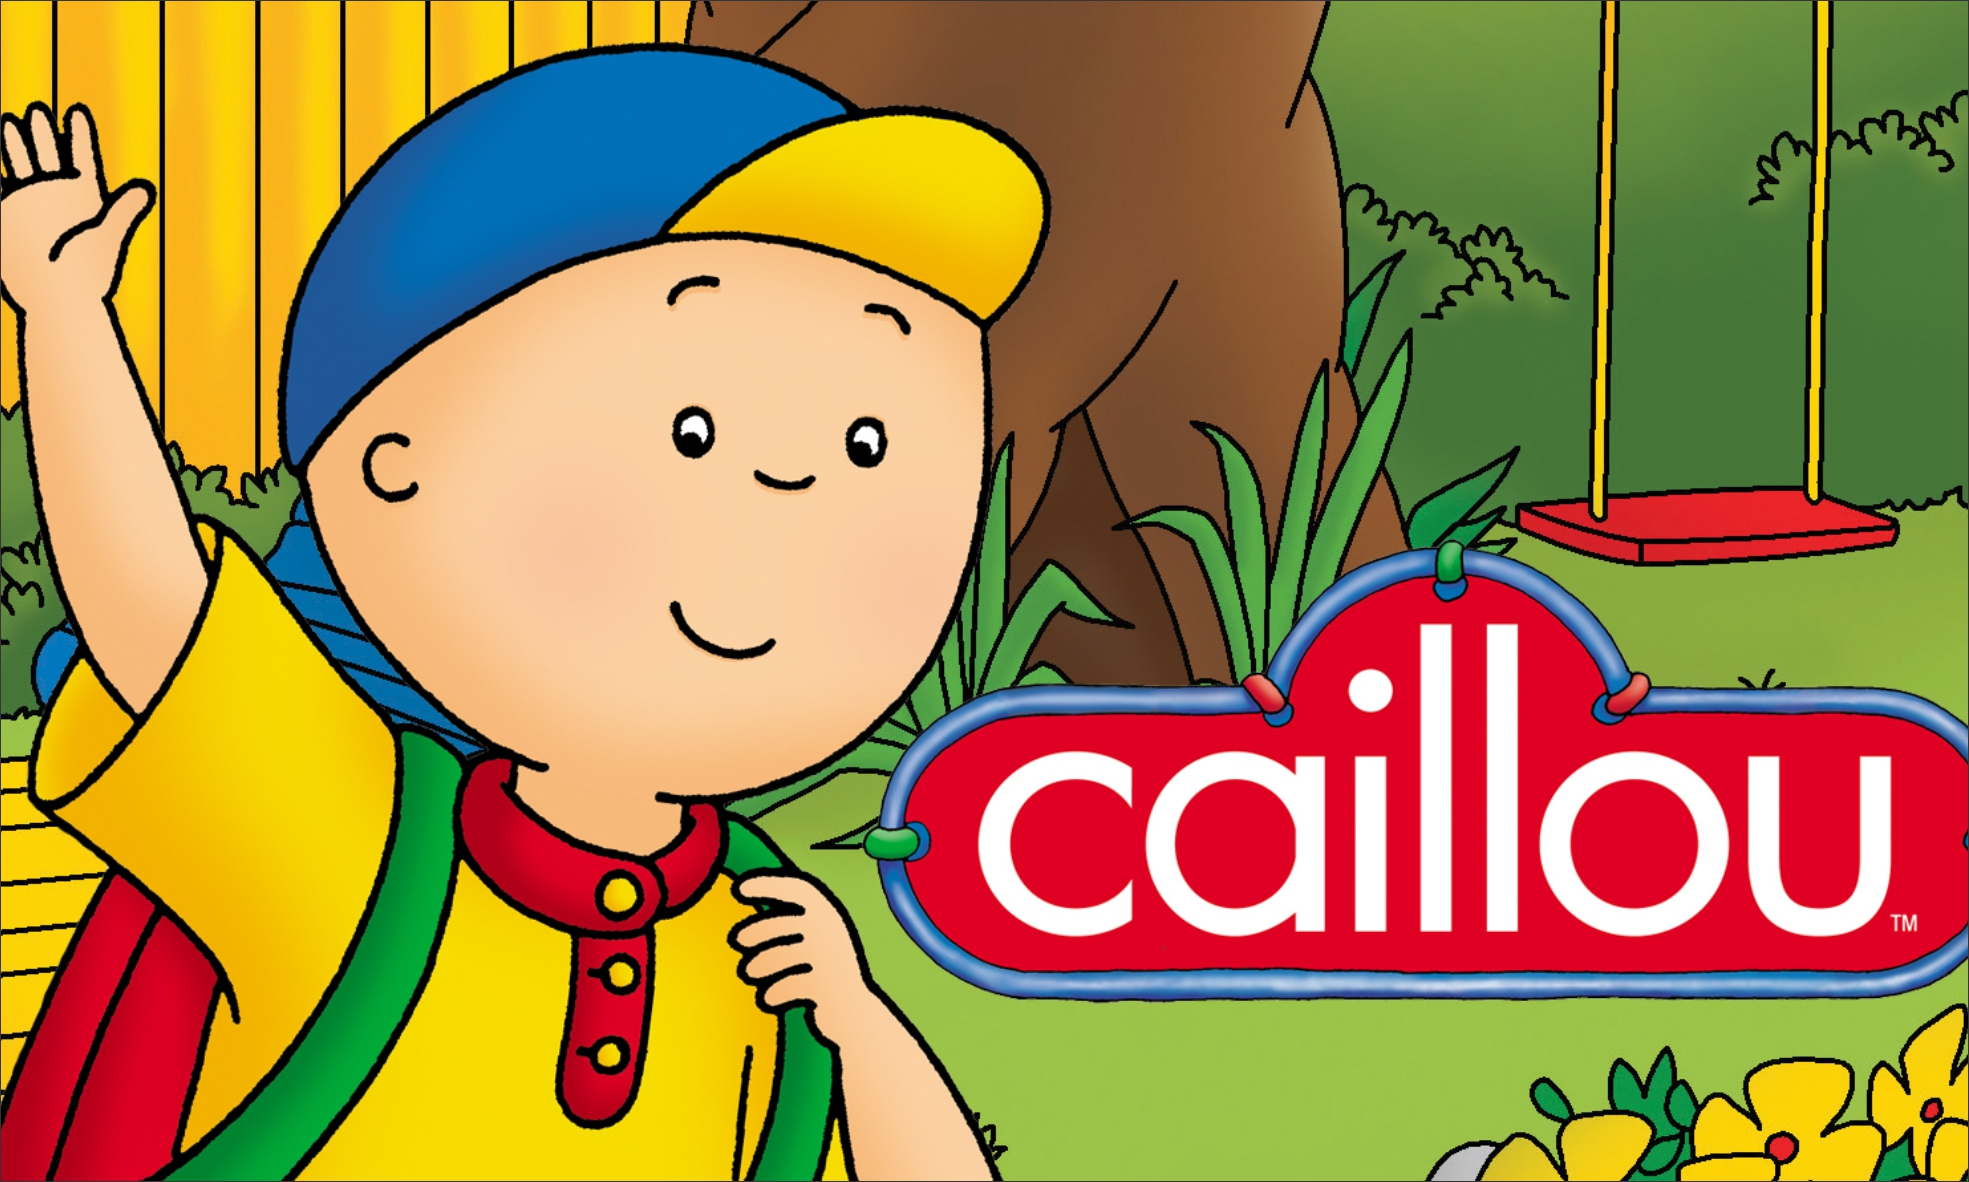 Resultado de imagem para Caillou